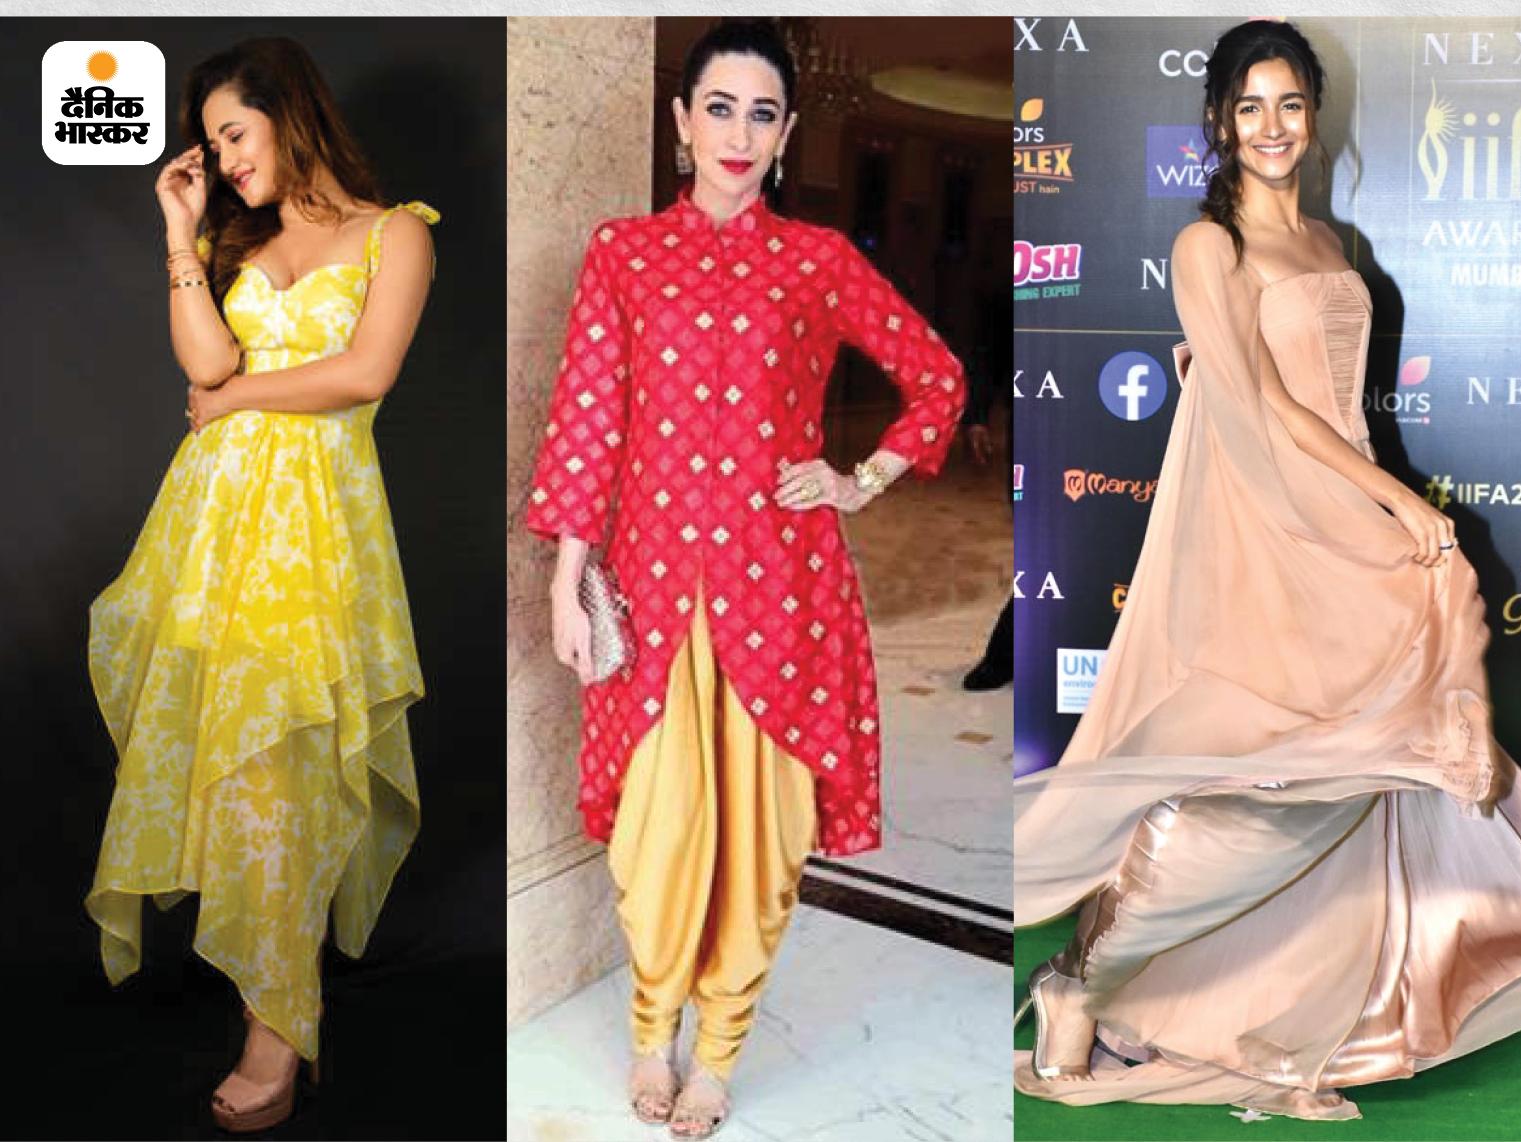 आलिया से लेकर करिश्मा तक एसिमेट्रिकल ड्रेस में फ्लॉन्ट कर रहीं अपना स्टाइल, पेस्टल कलर गाउन हो या फ्रॉक इनसे सीखें पहनने का सलीका लाइफस्टाइल,Lifestyle - Dainik Bhaskar